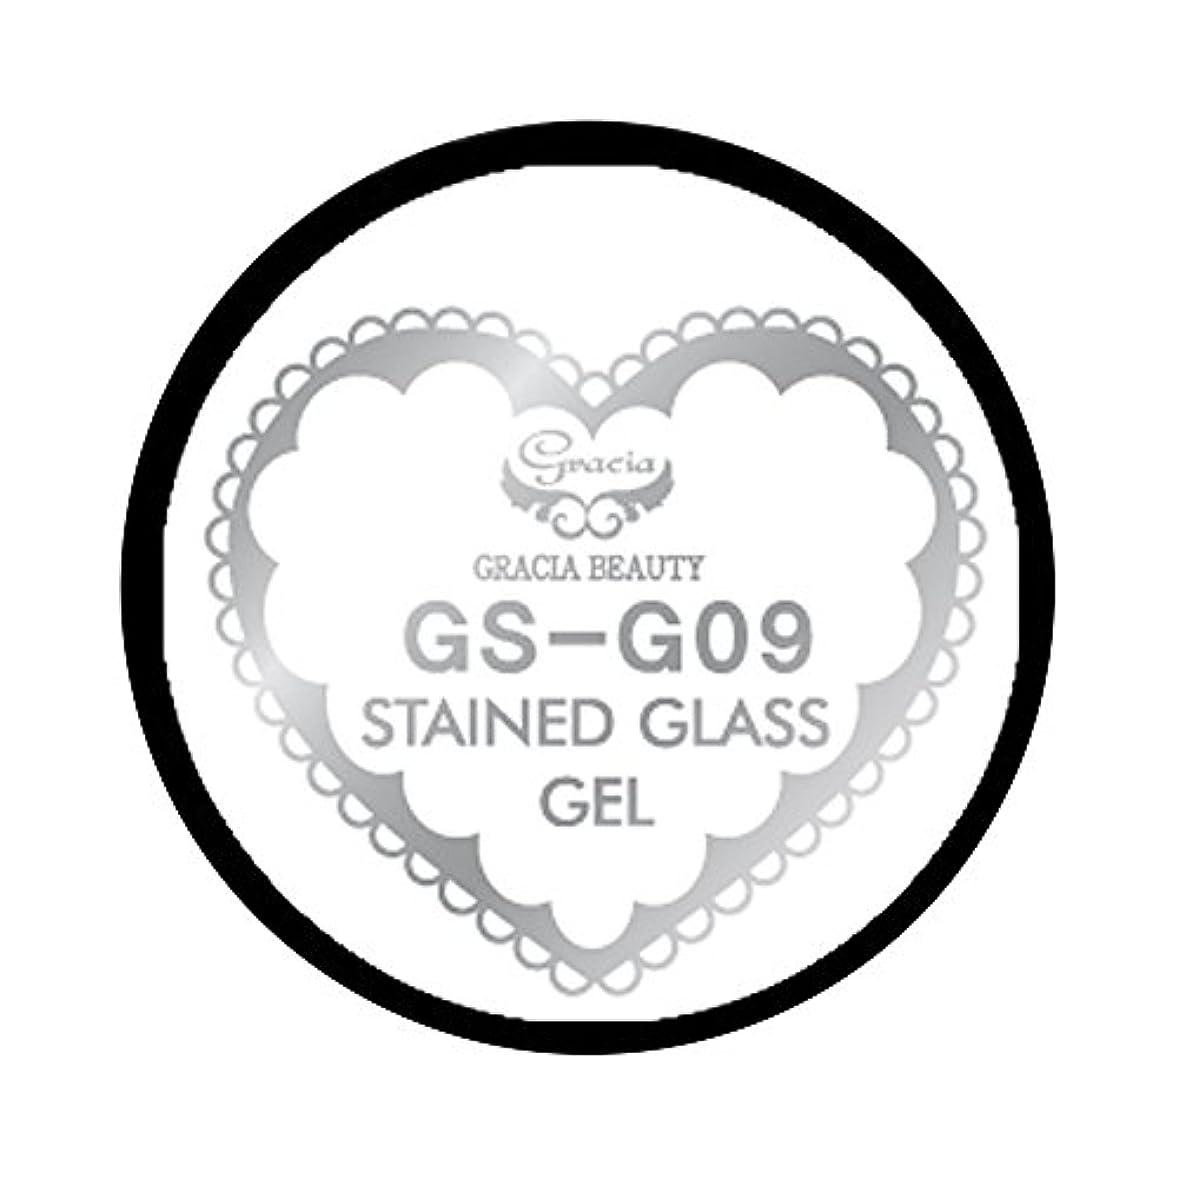 名前で例相談するグラシア ジェルネイル ステンドグラスジェル GSM-G09 3g  グリッター UV/LED対応 カラージェル ソークオフジェル ガラスのような透明感